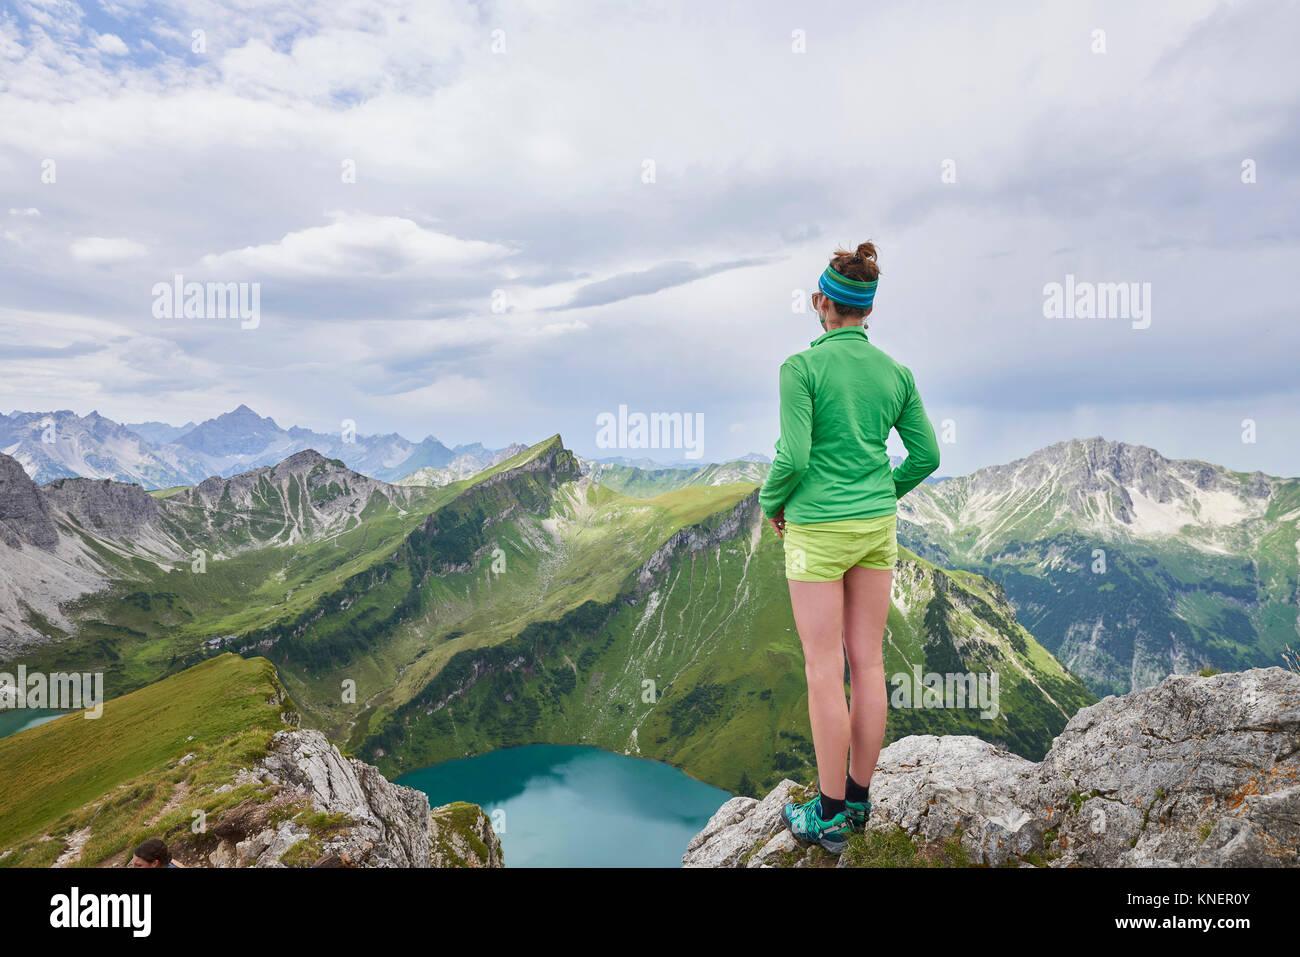 Vista trasera del excursionista femenino sobre el borde rocoso mirando las montañas Tannheim, Tirol, Austria Imagen De Stock